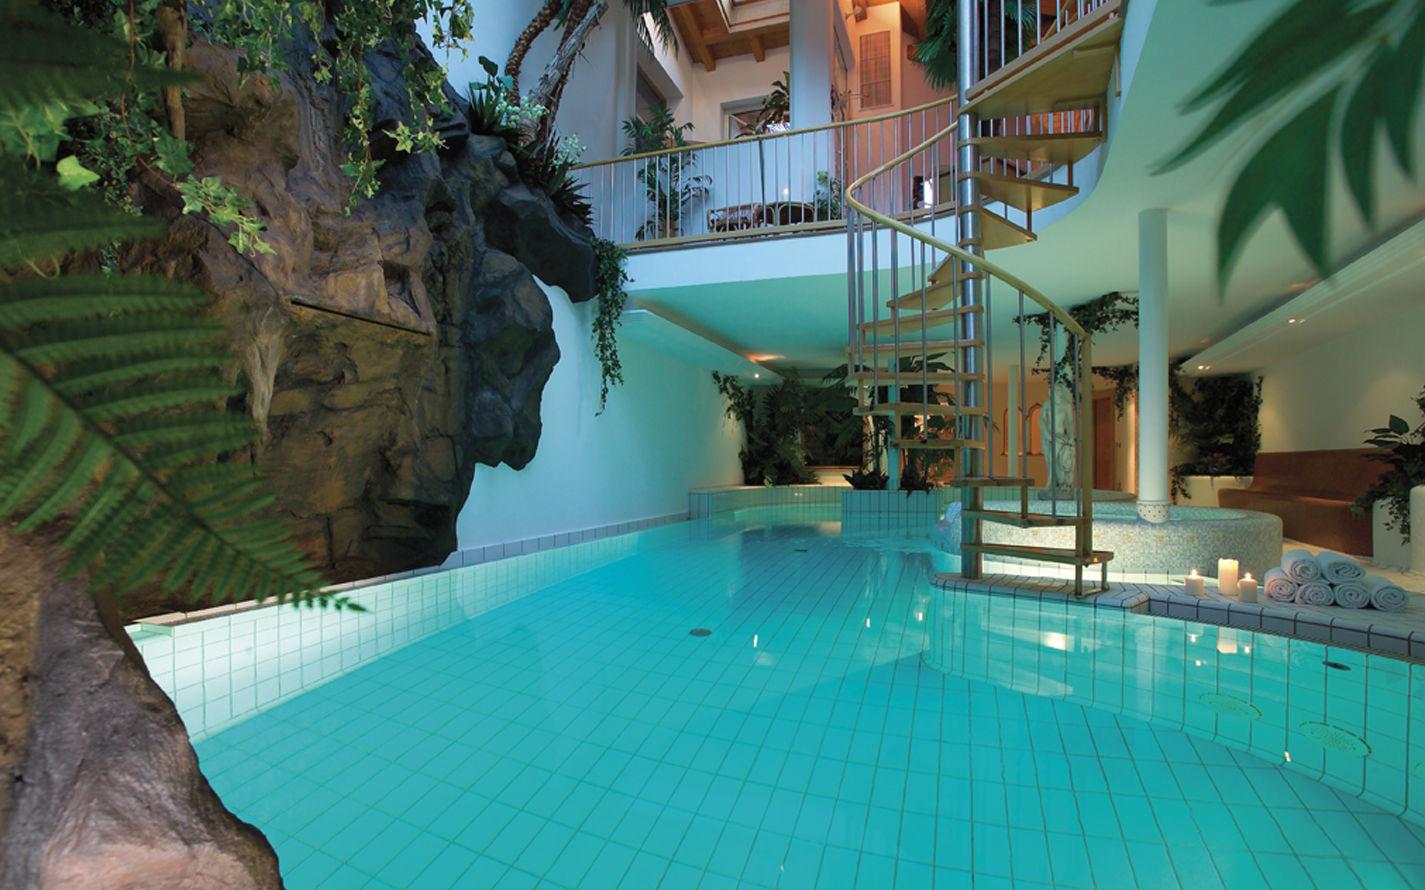 Hotel luna mondschein trentino alto adige ortisei bz offerta dpi viaggi bambini - Hotel con piscina termale per bambini ...